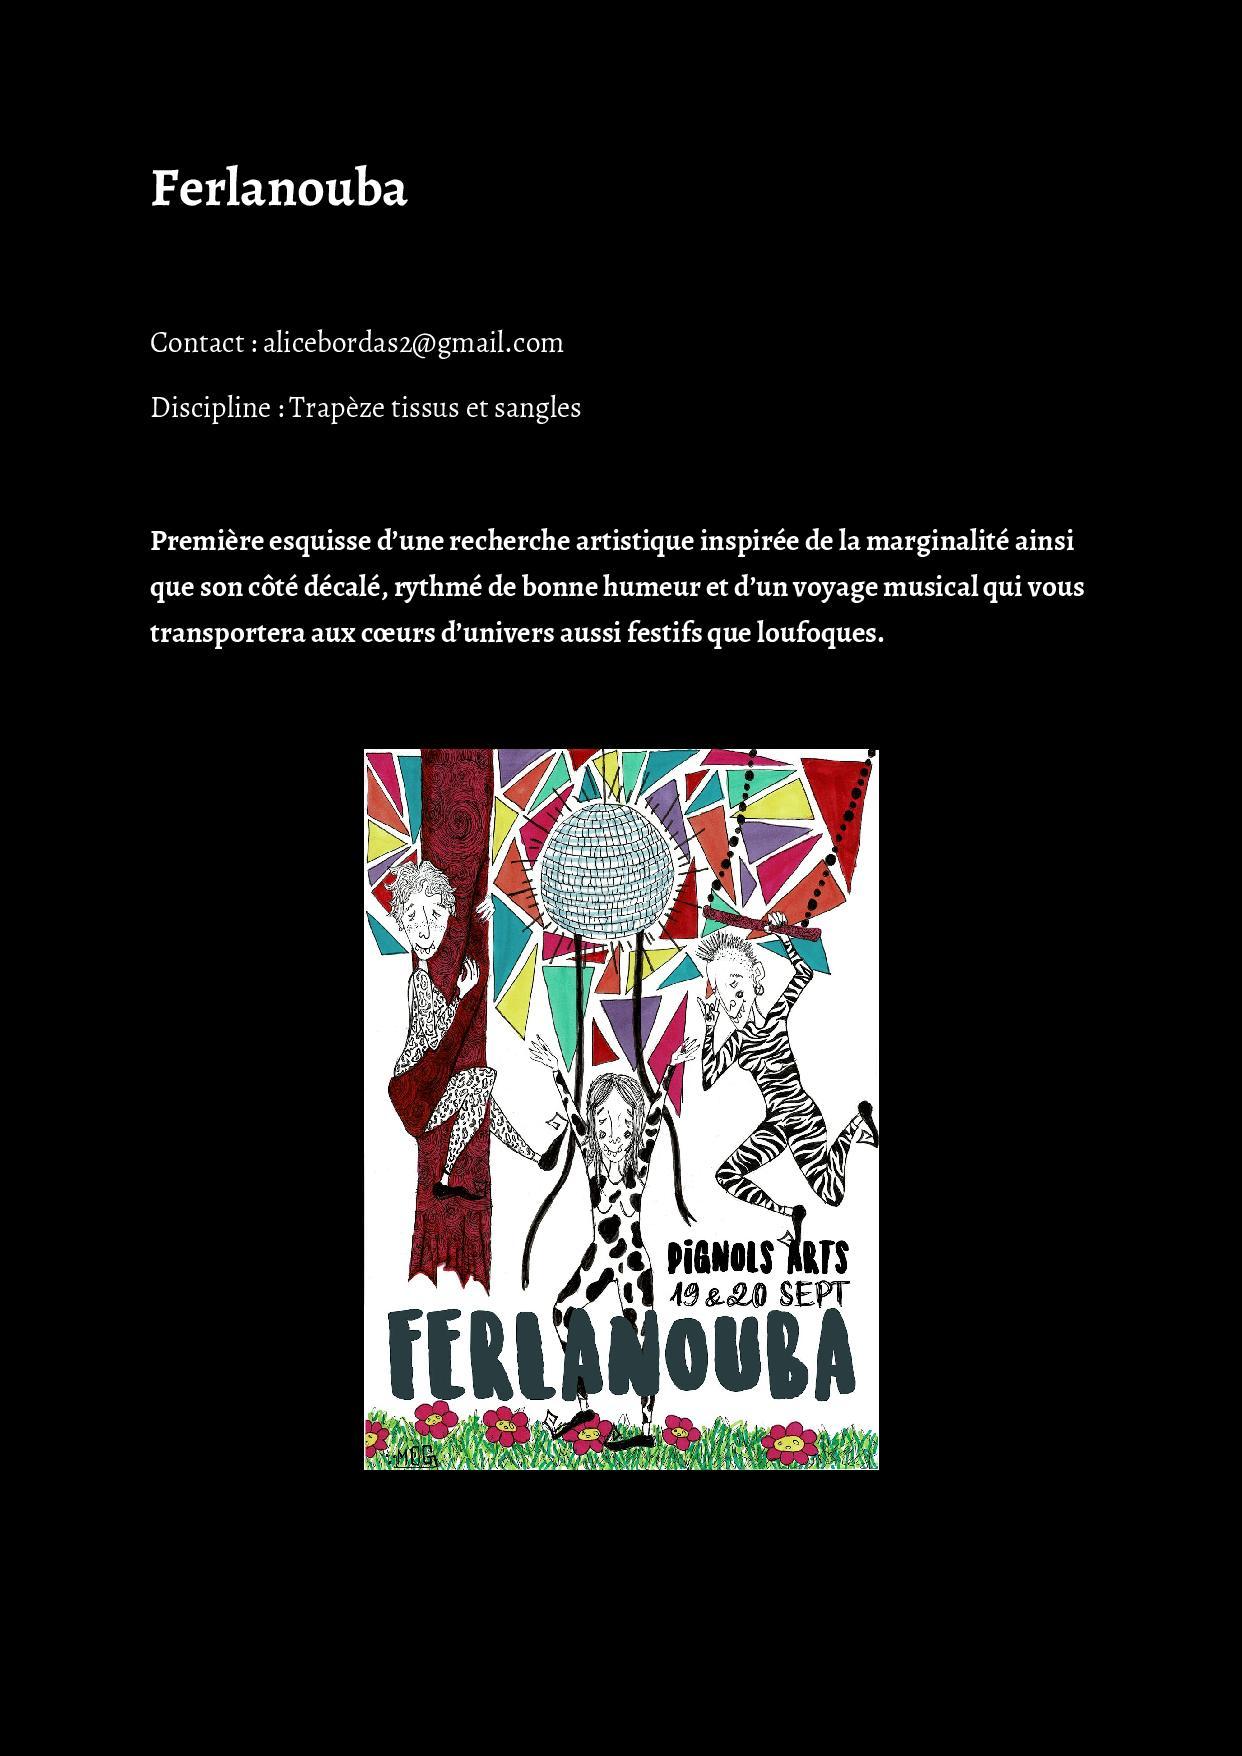 ferlanoubaé-page-001